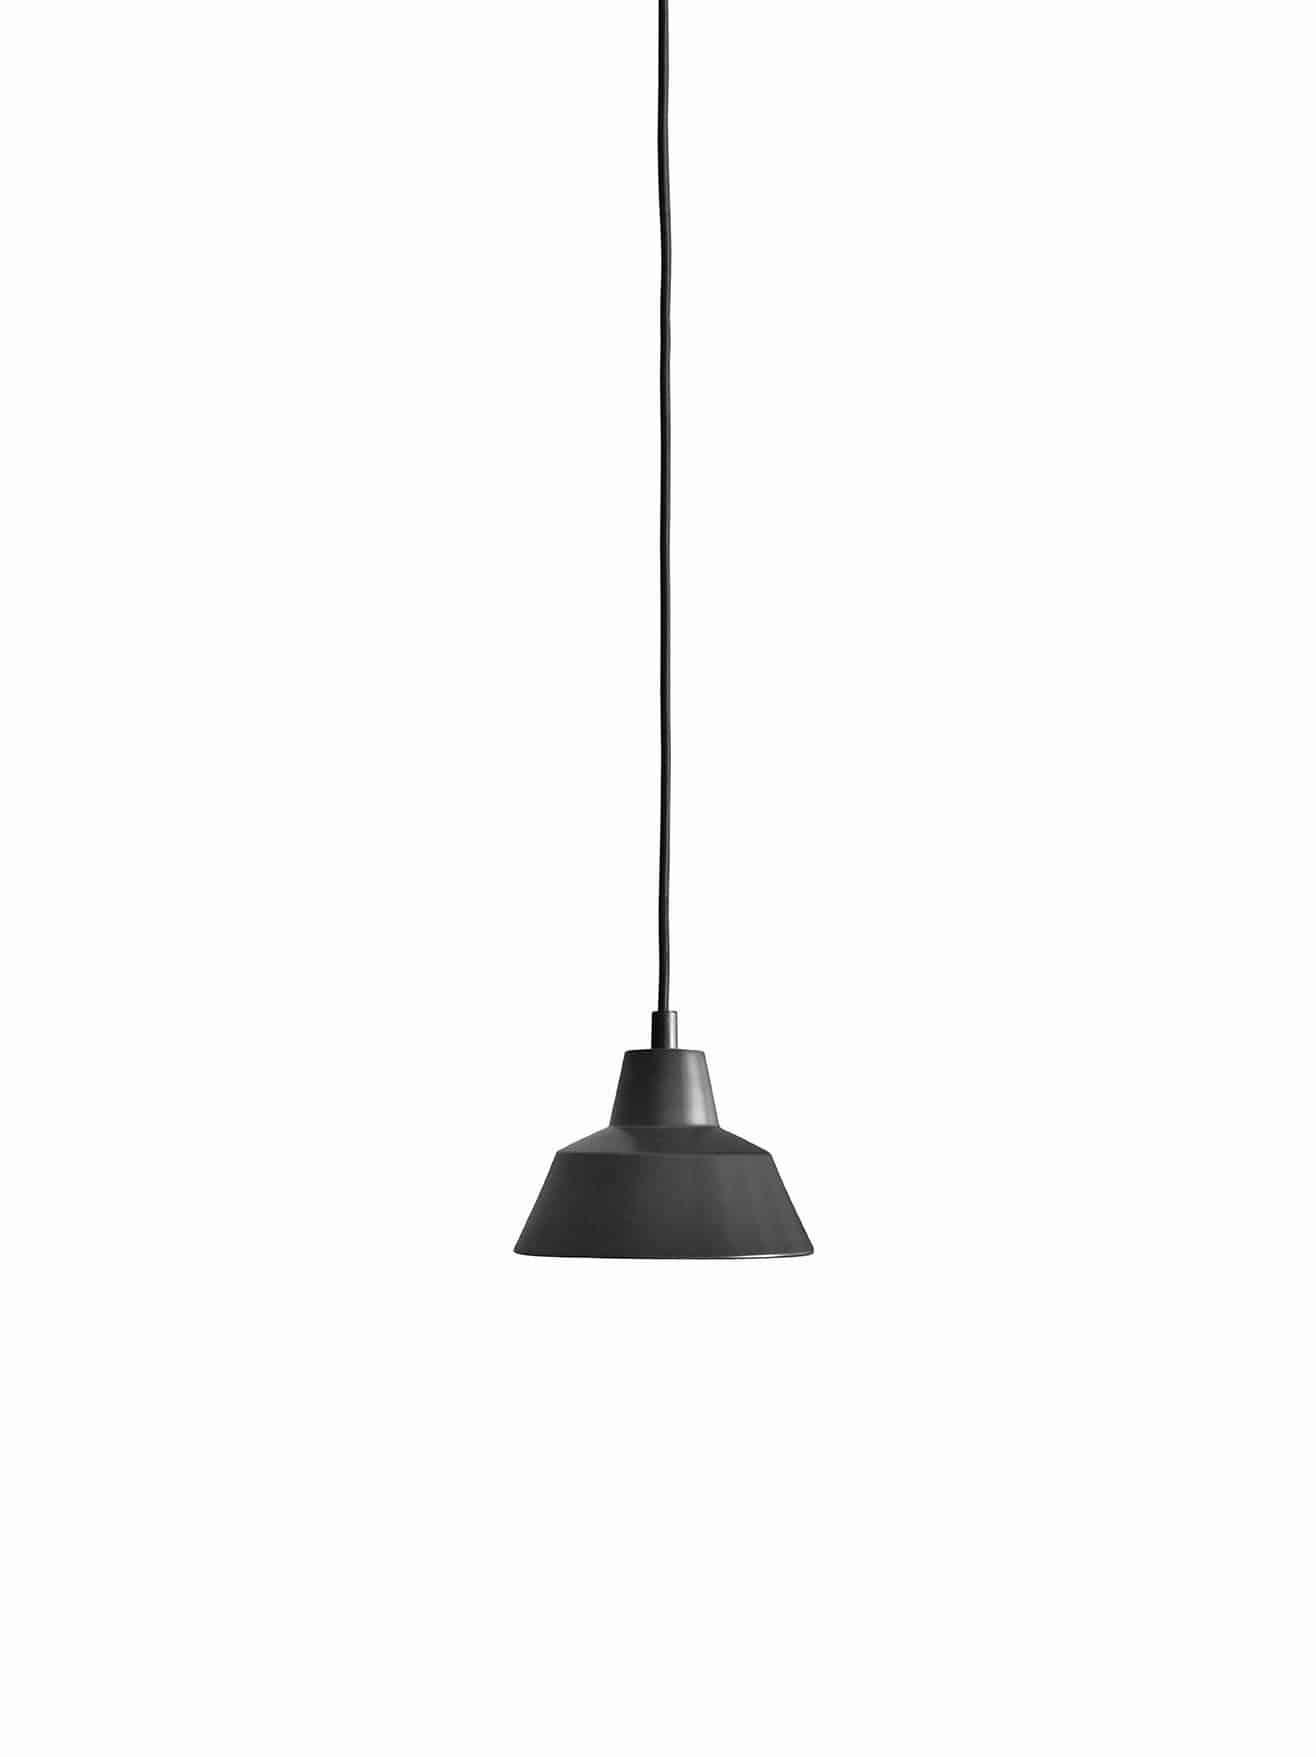 Et stykke dansk design historie fra Wedel Madsen. Med det solide og lidt industrielle look passer den særligt godt til en rå og minimalistisk indretning. Og så giver den godt lys! Flot mat sort farve.